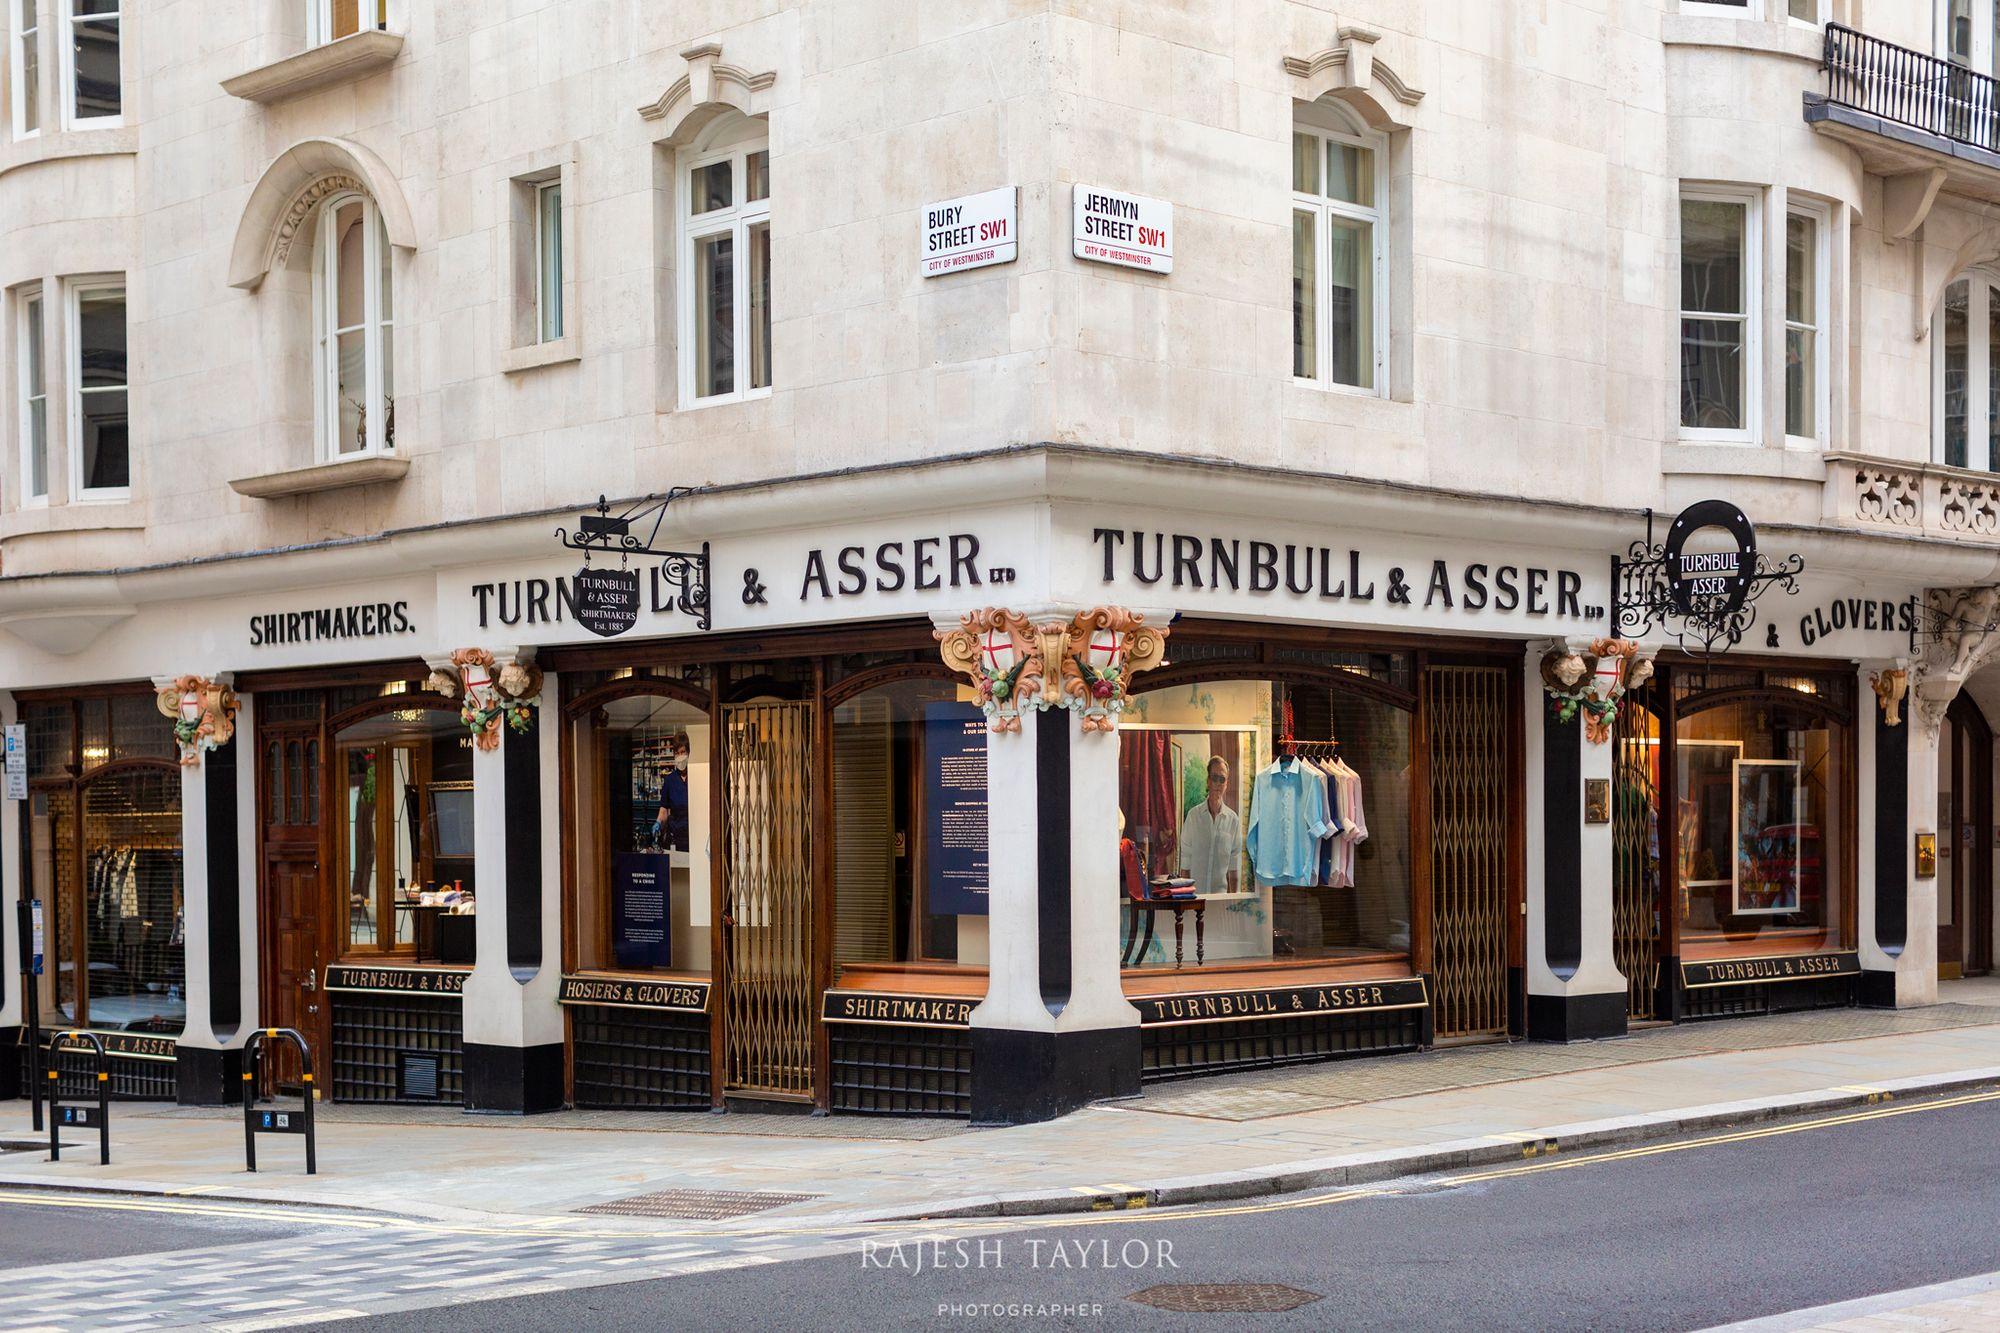 Turnbull & Asser of Jermyn St, London © Rajesh Taylor